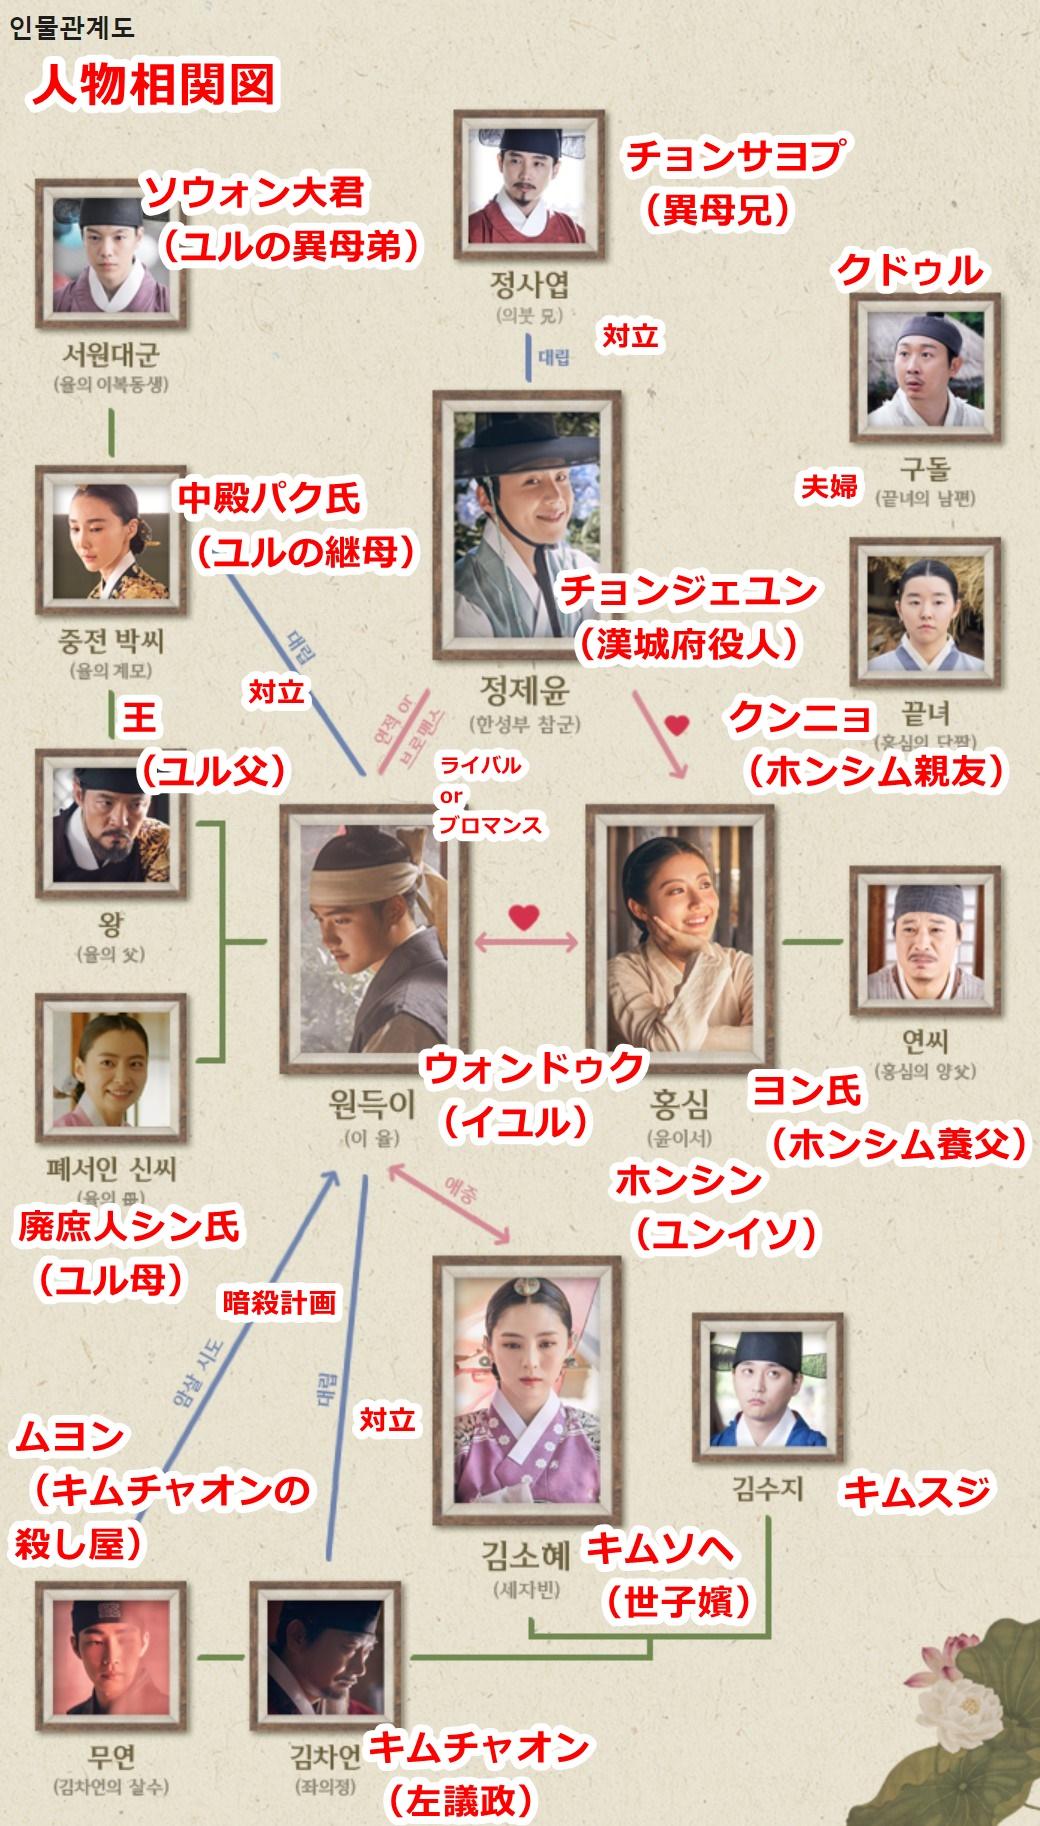 100日の郎君様(相関図)